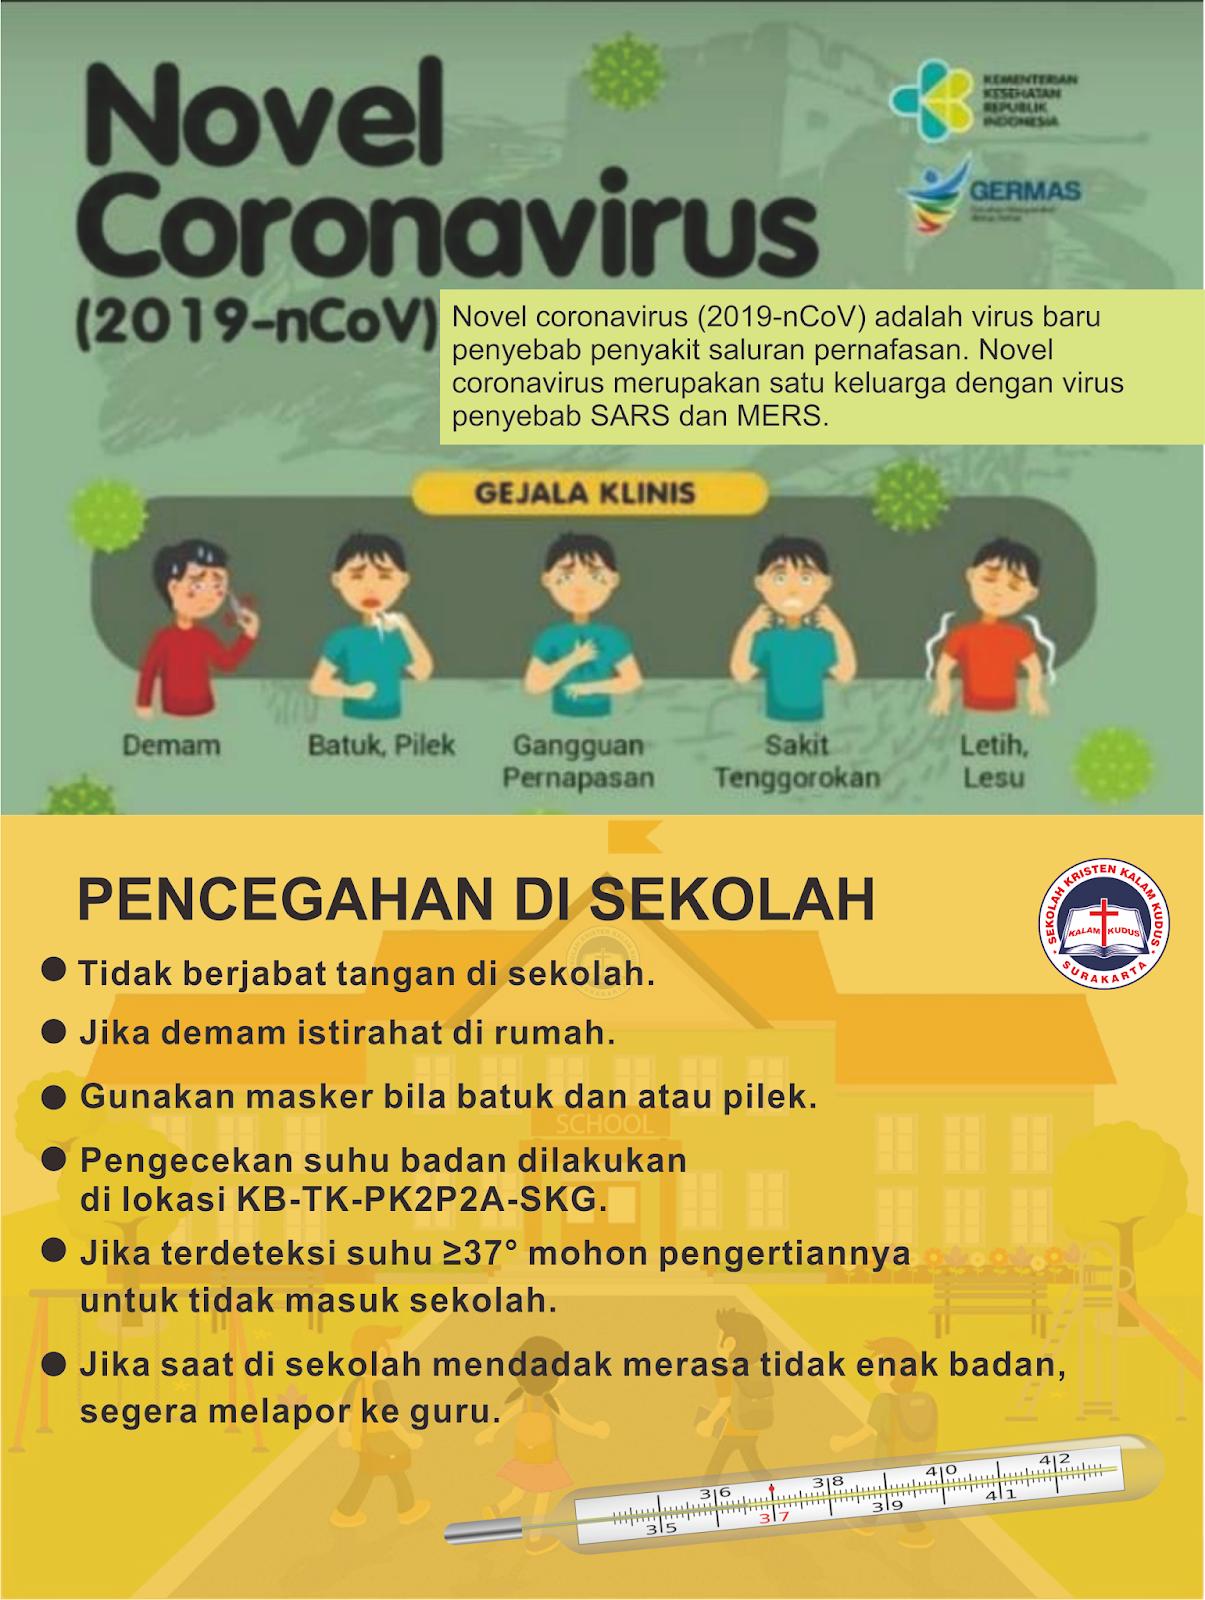 Pencegahan di Sekolah